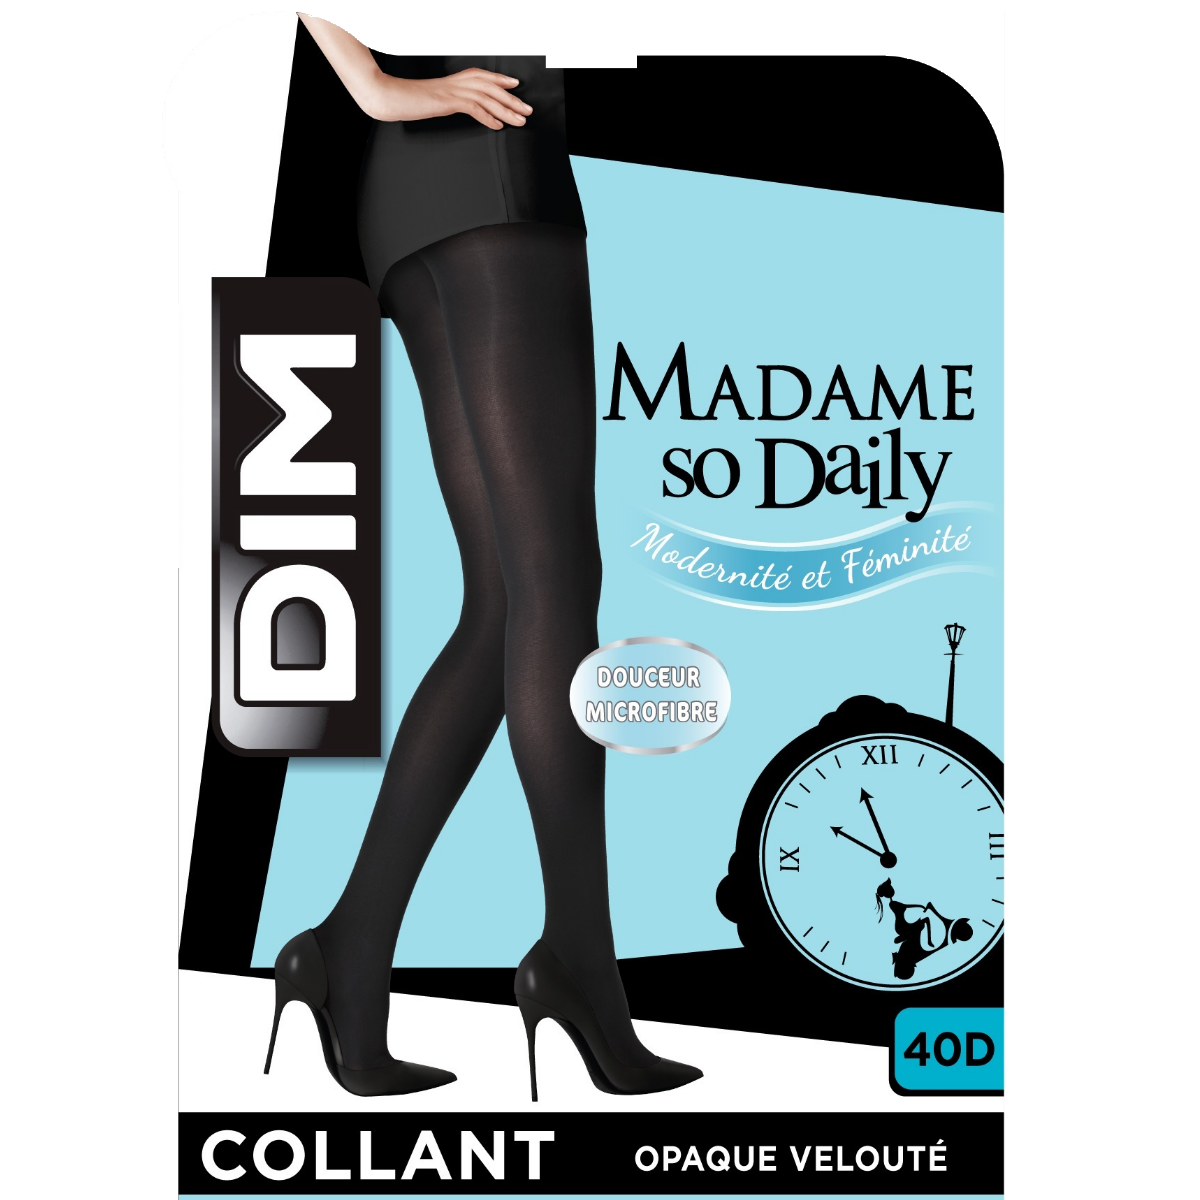 Collant pourpre violacé opaque velouté Madame So Daily 40D a1524e50b0e